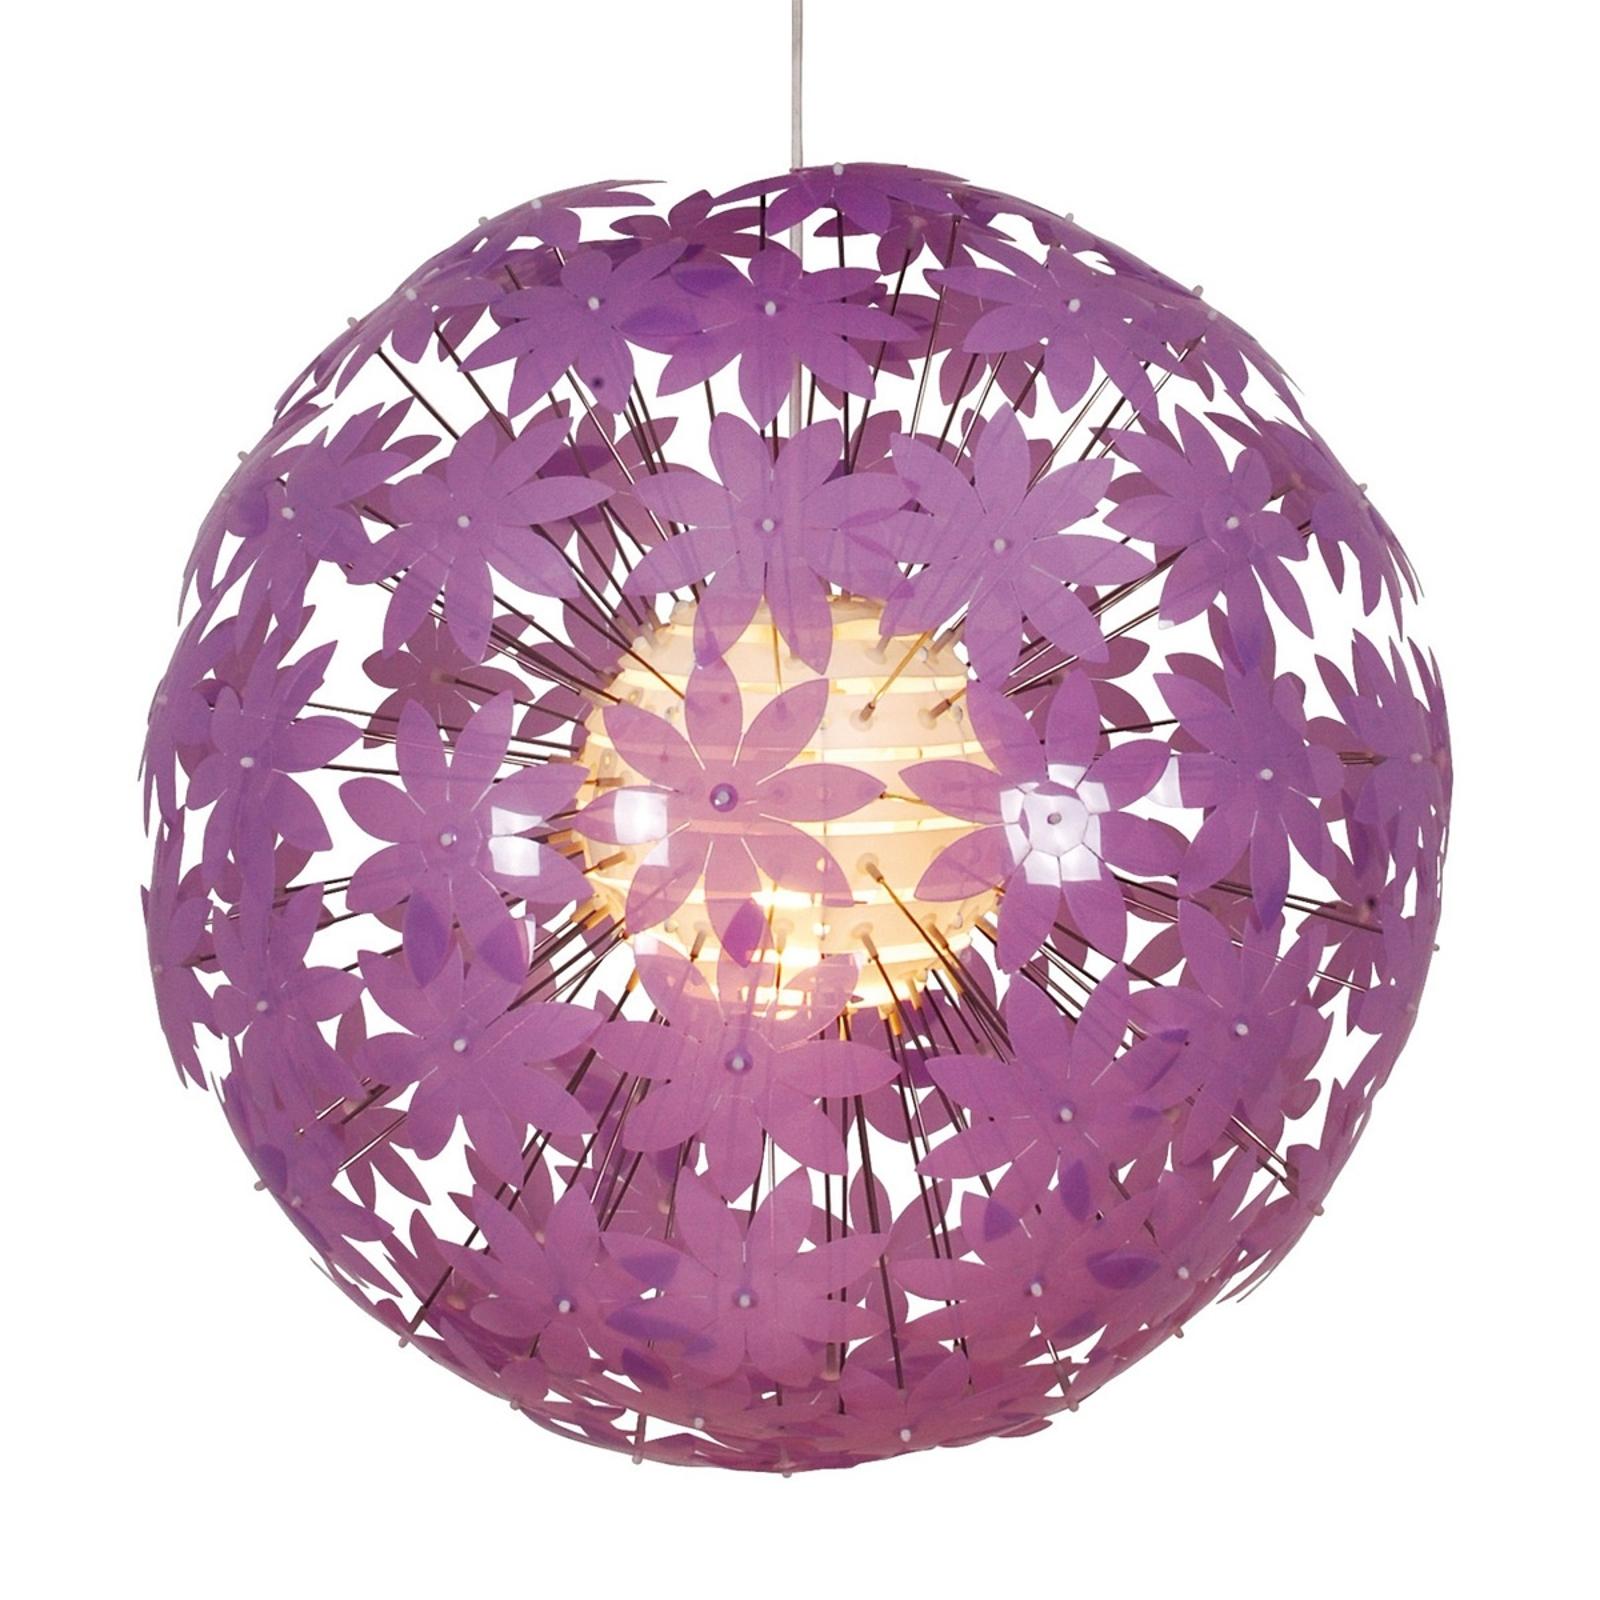 Kulista lampa wisząca YOUNG LIVING, różowa